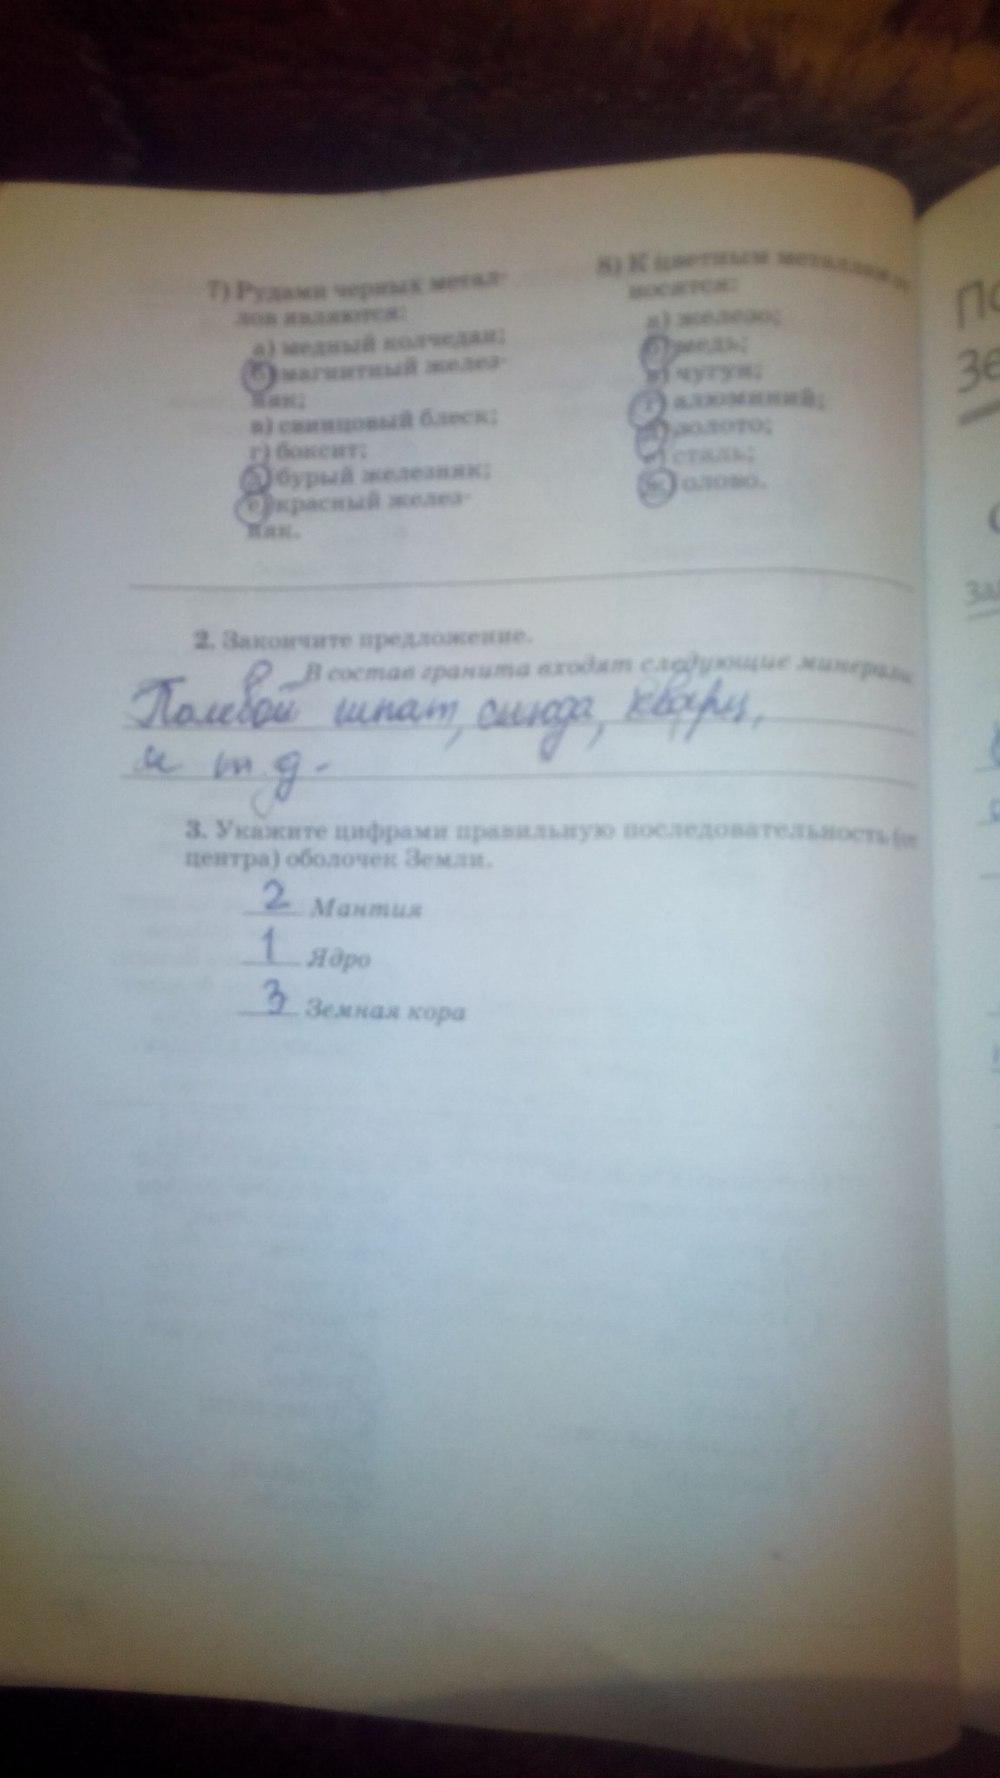 готовые домашние задания 5 класса по природоведение